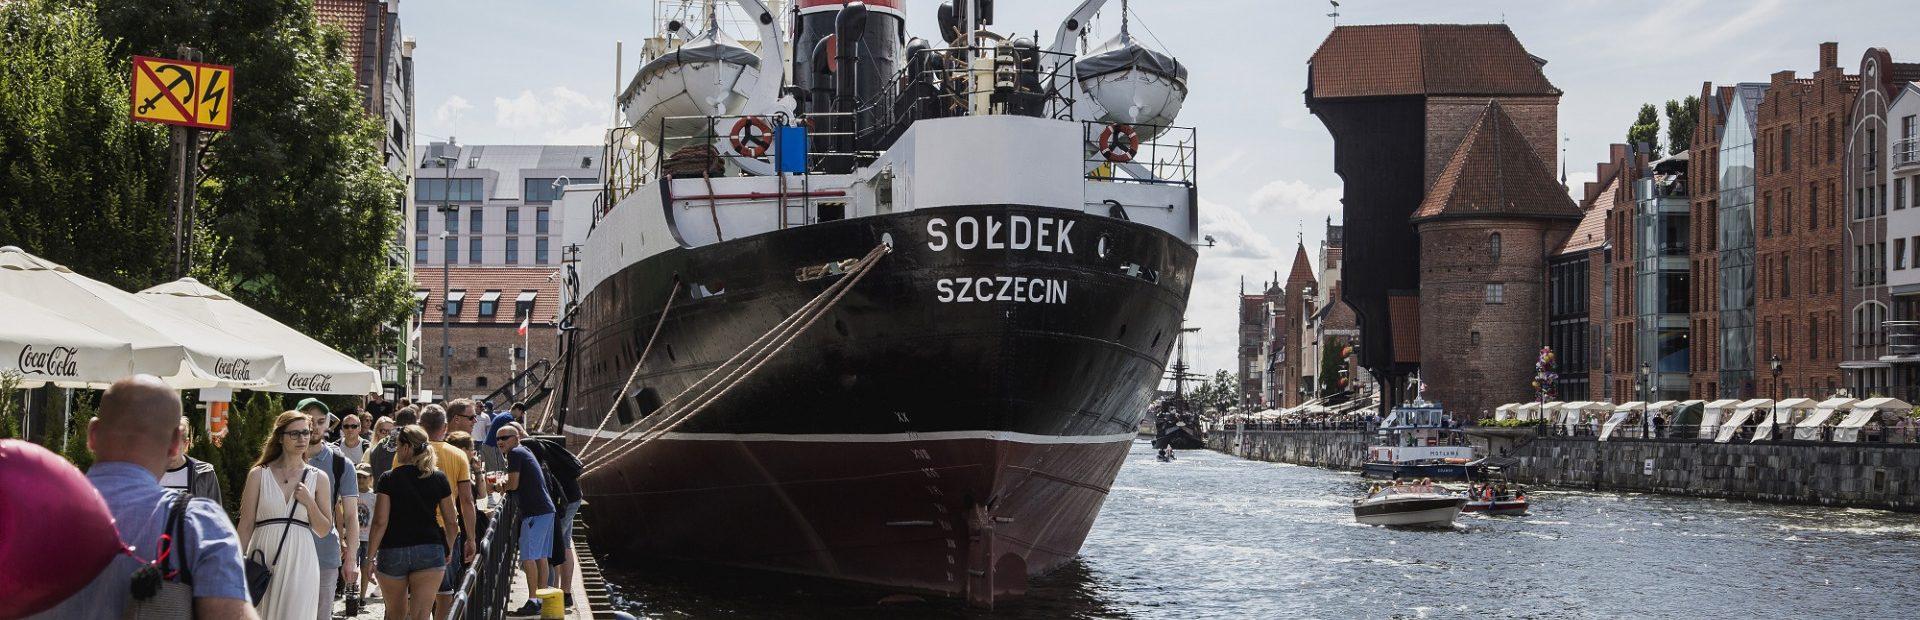 Sołdek (oddział Narodowego Muzeum Morskiego)